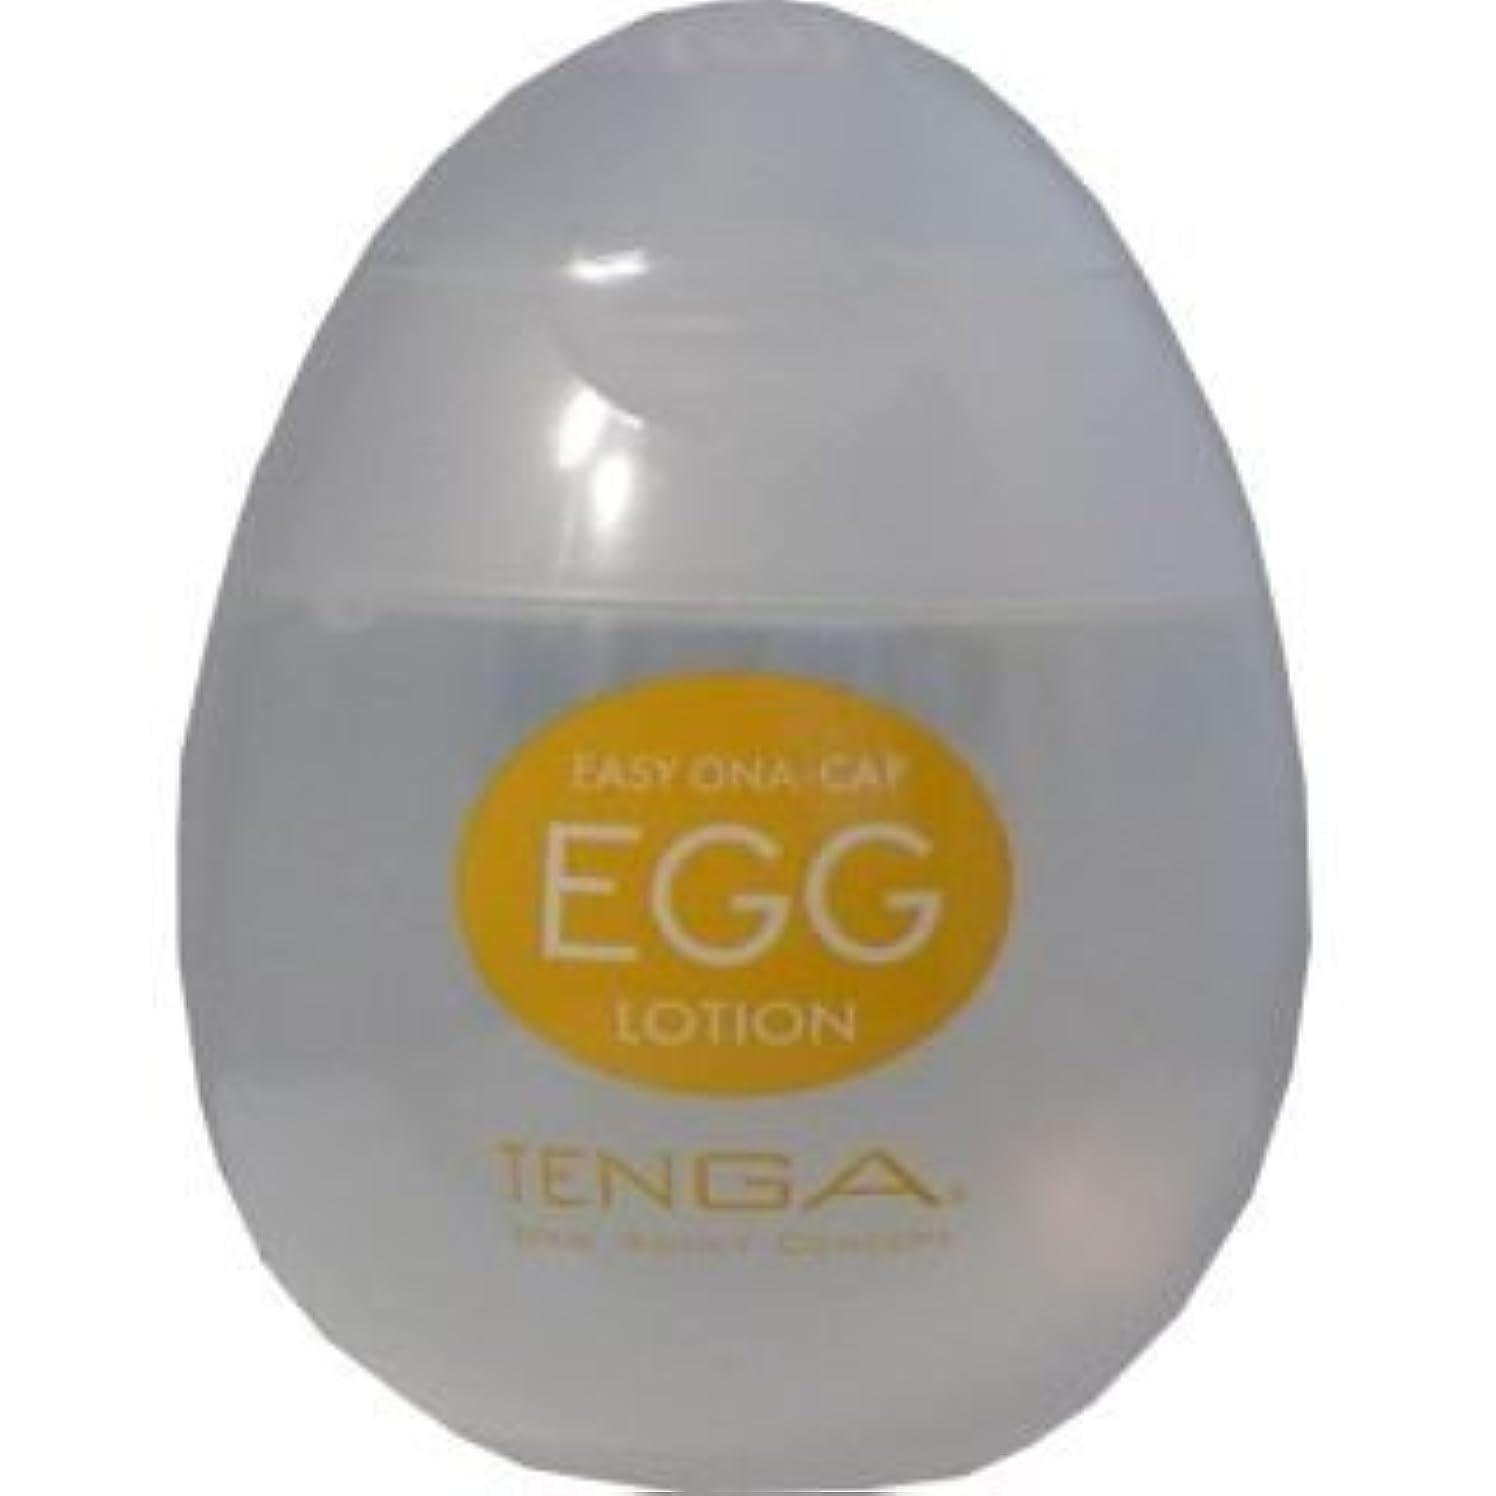 航空機こどもの宮殿プレビュー保湿成分配合で潤い長持ち!TENGA(テンガ) EGG LOTION(エッグローション) EGGL-001【2個セット】